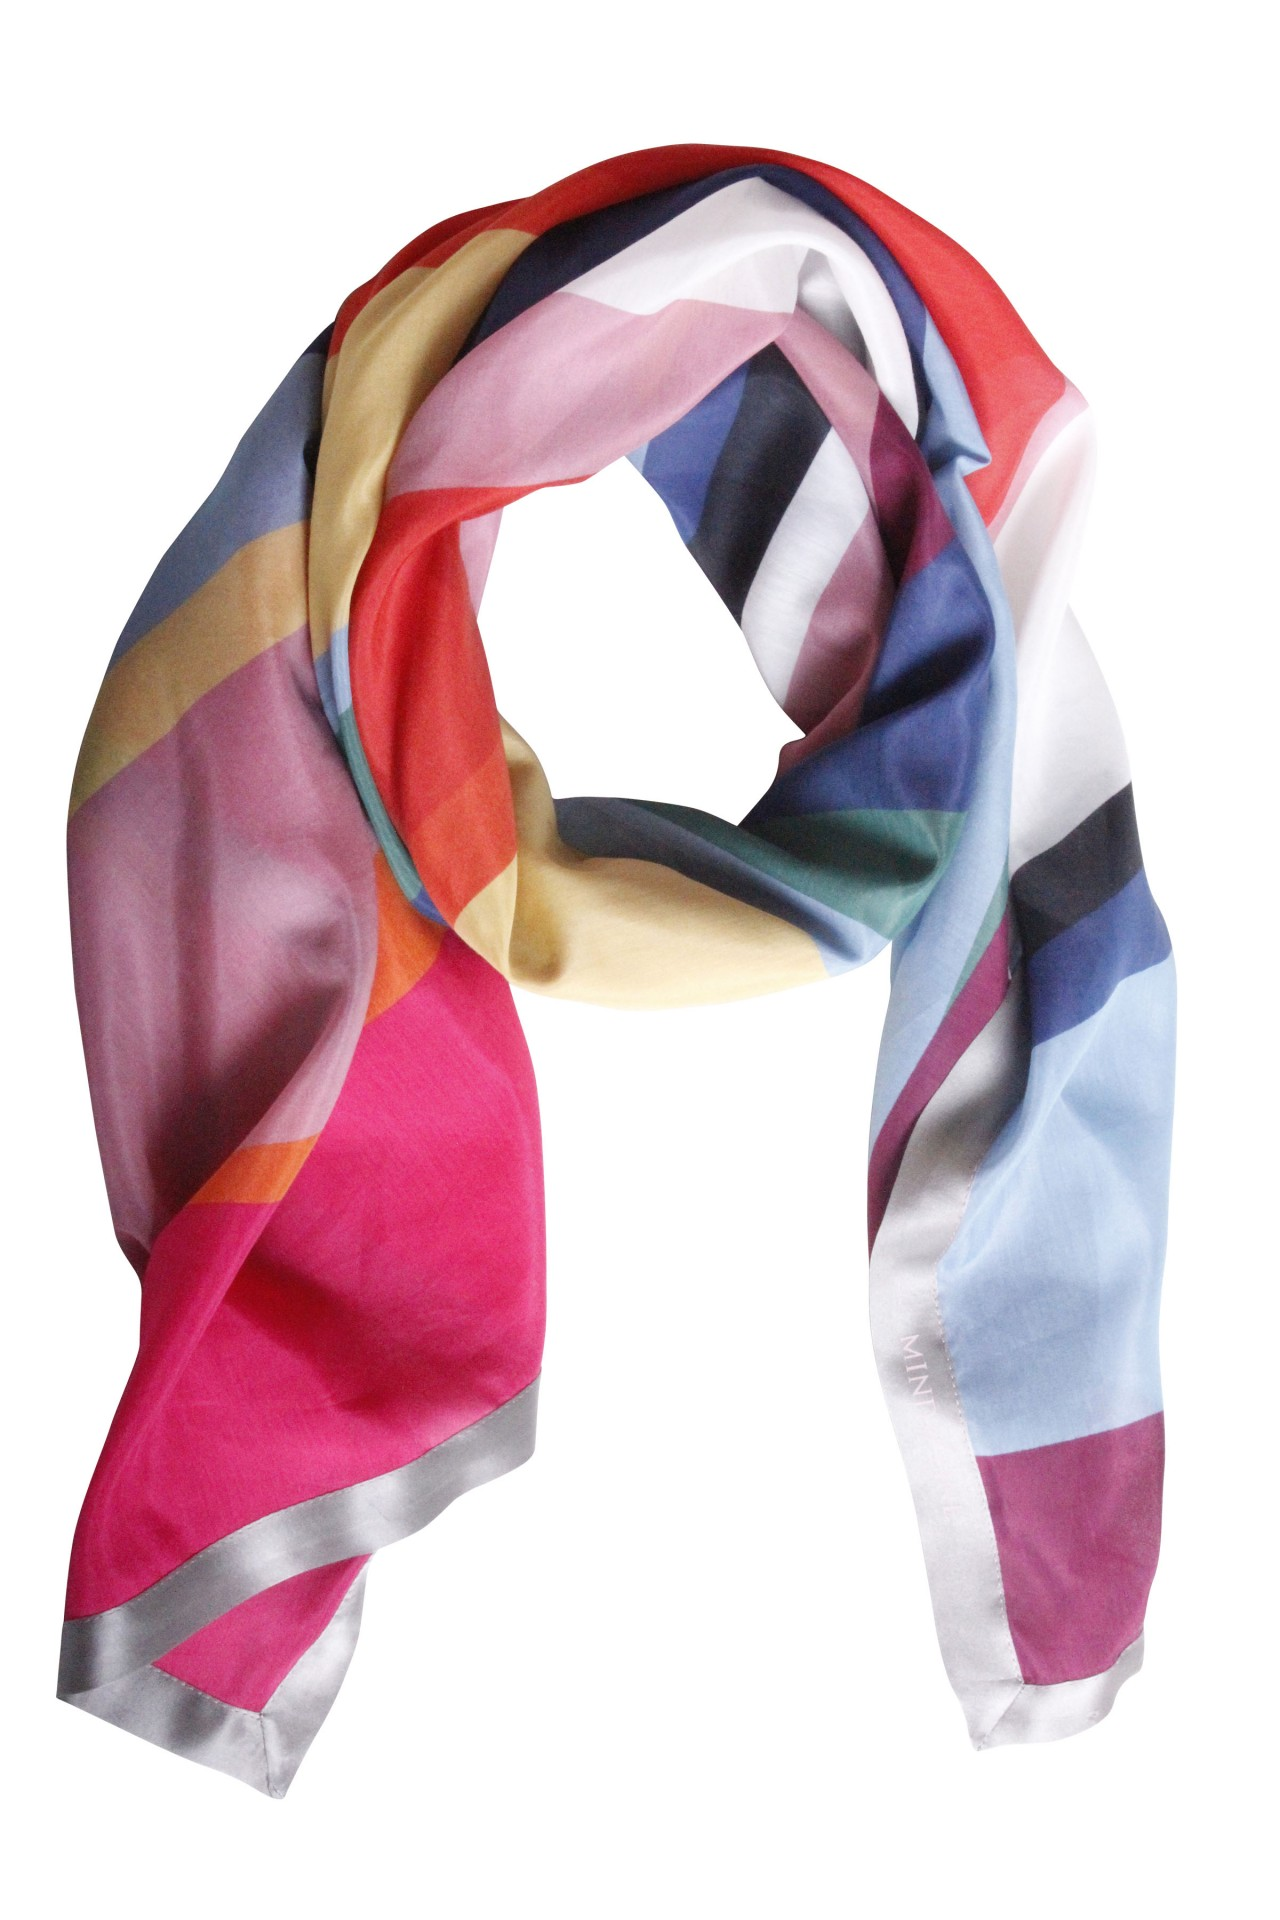 Multifarvet tørklæde i skønne forårsfarver fra Mind of Line